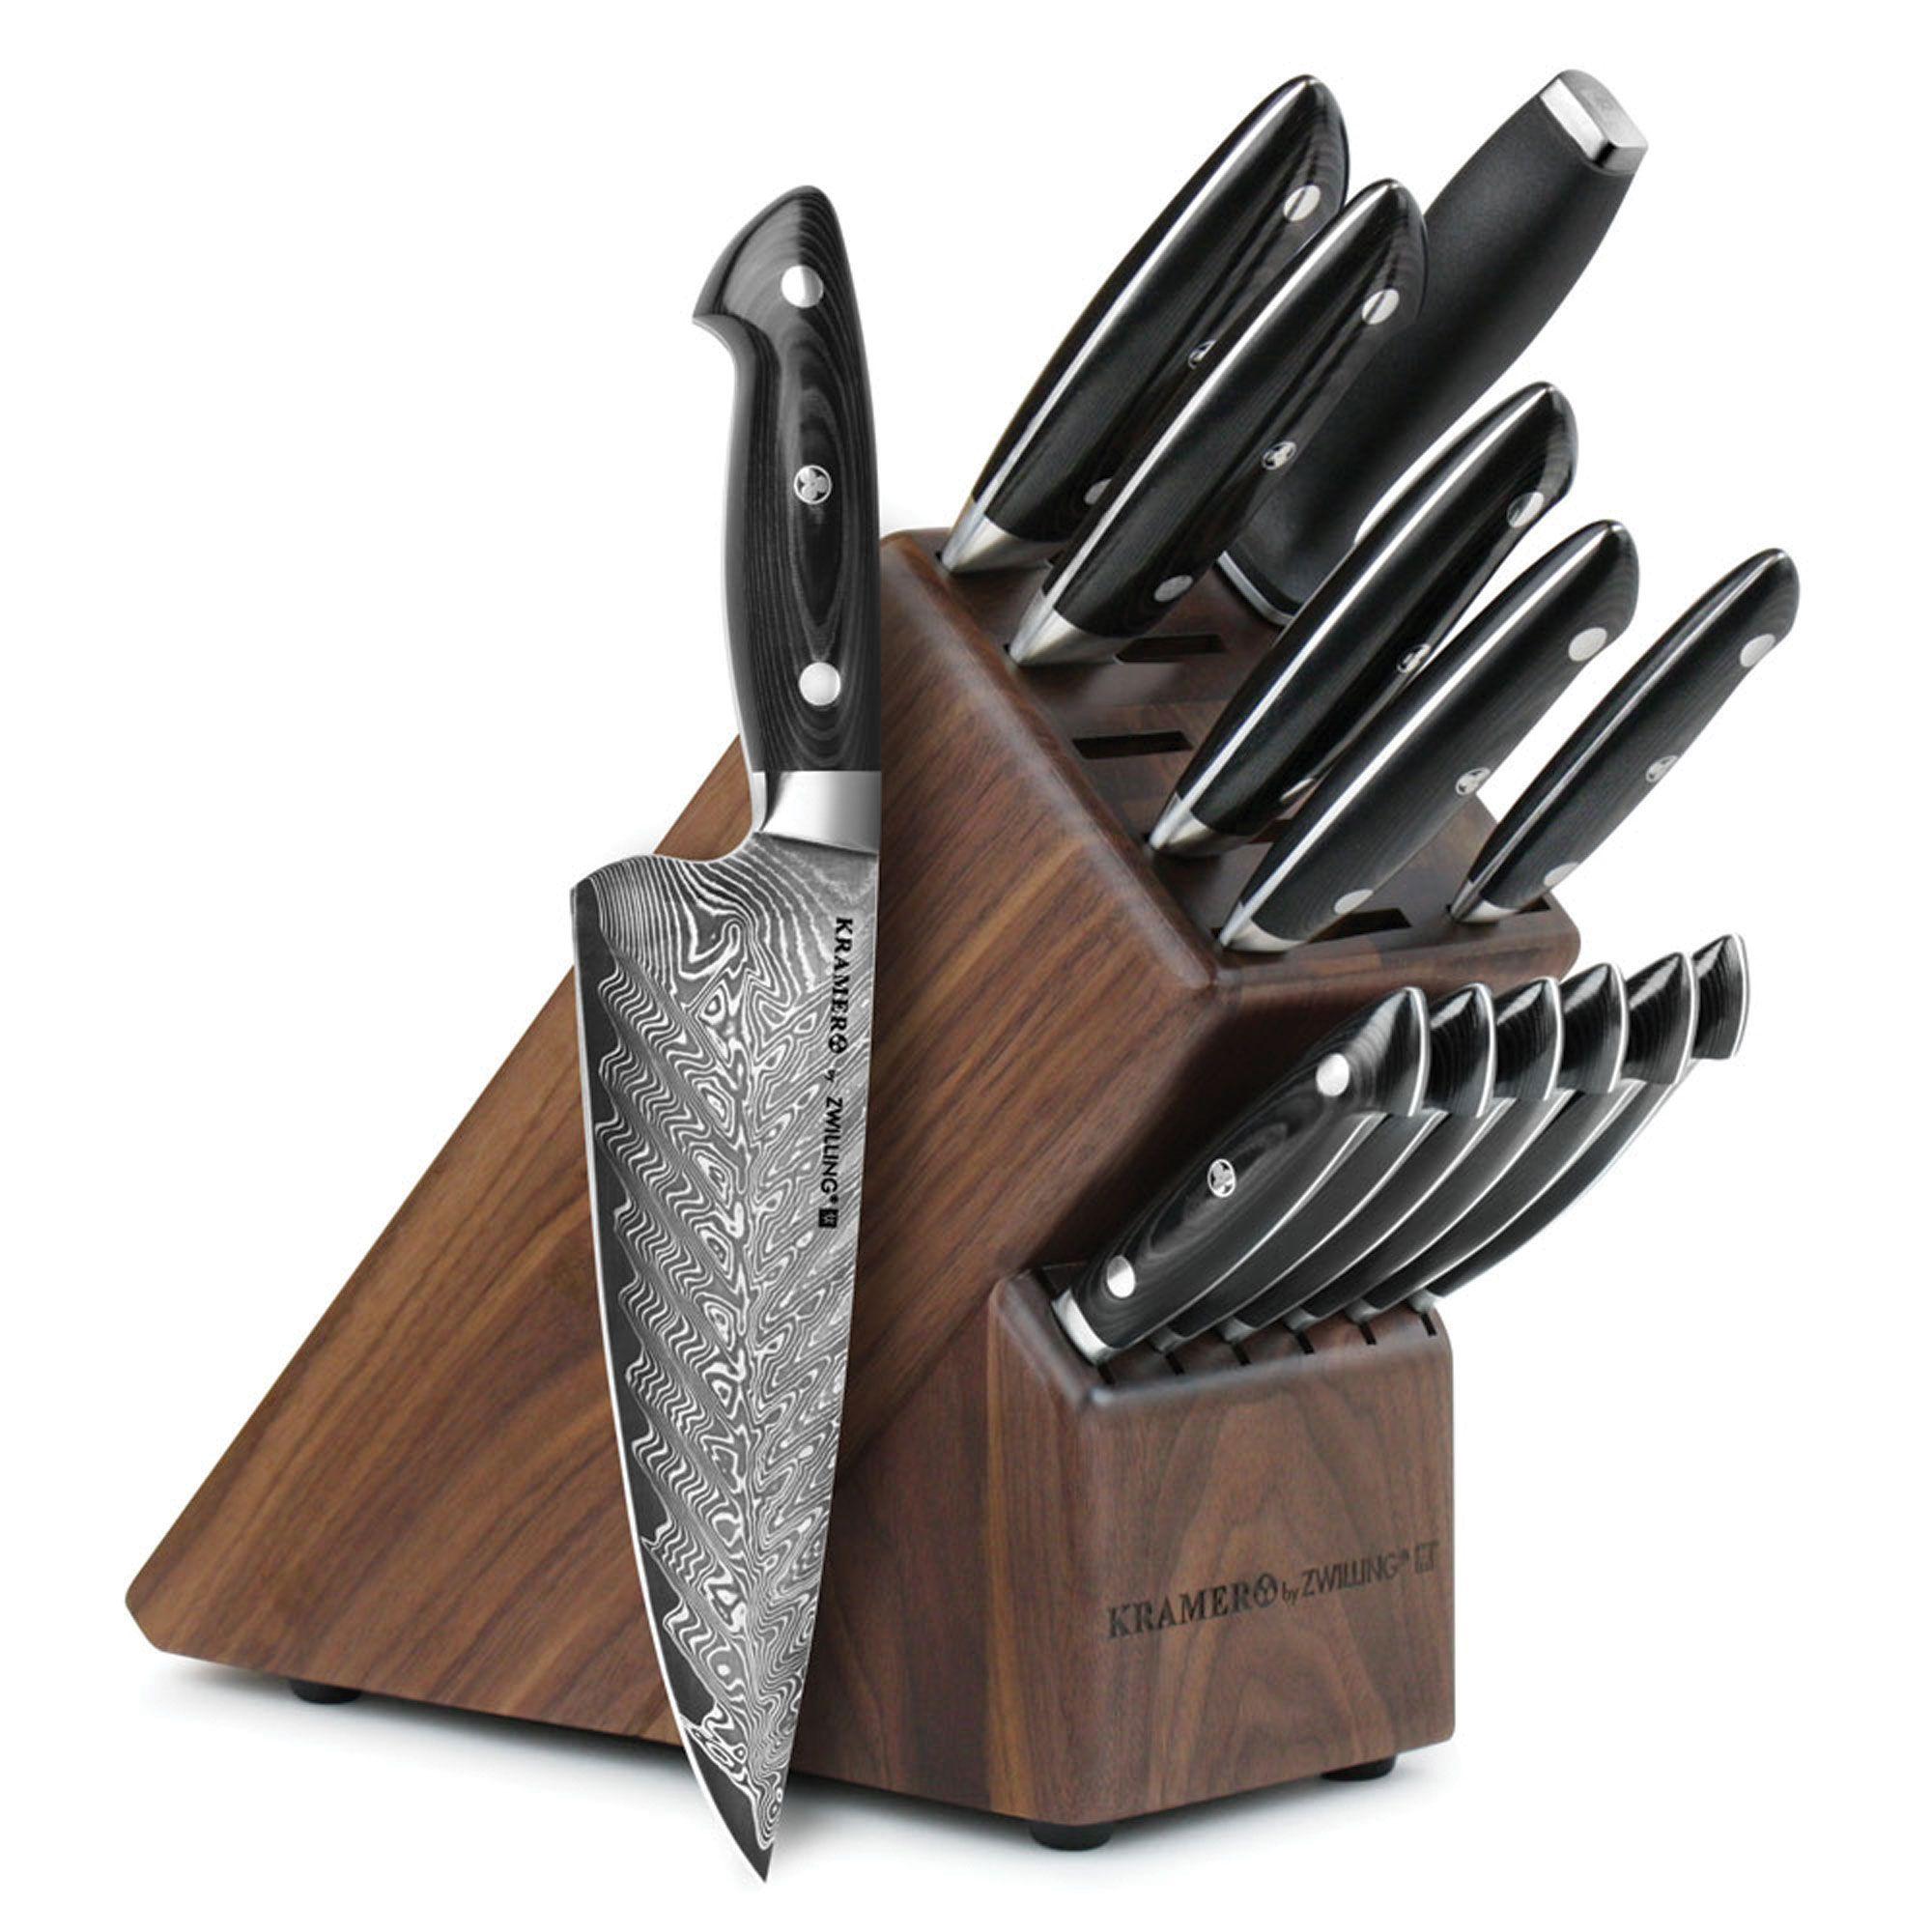 Bob Kramer Knives 14 Piece Damascus Chef S Knife Set By Zwilling